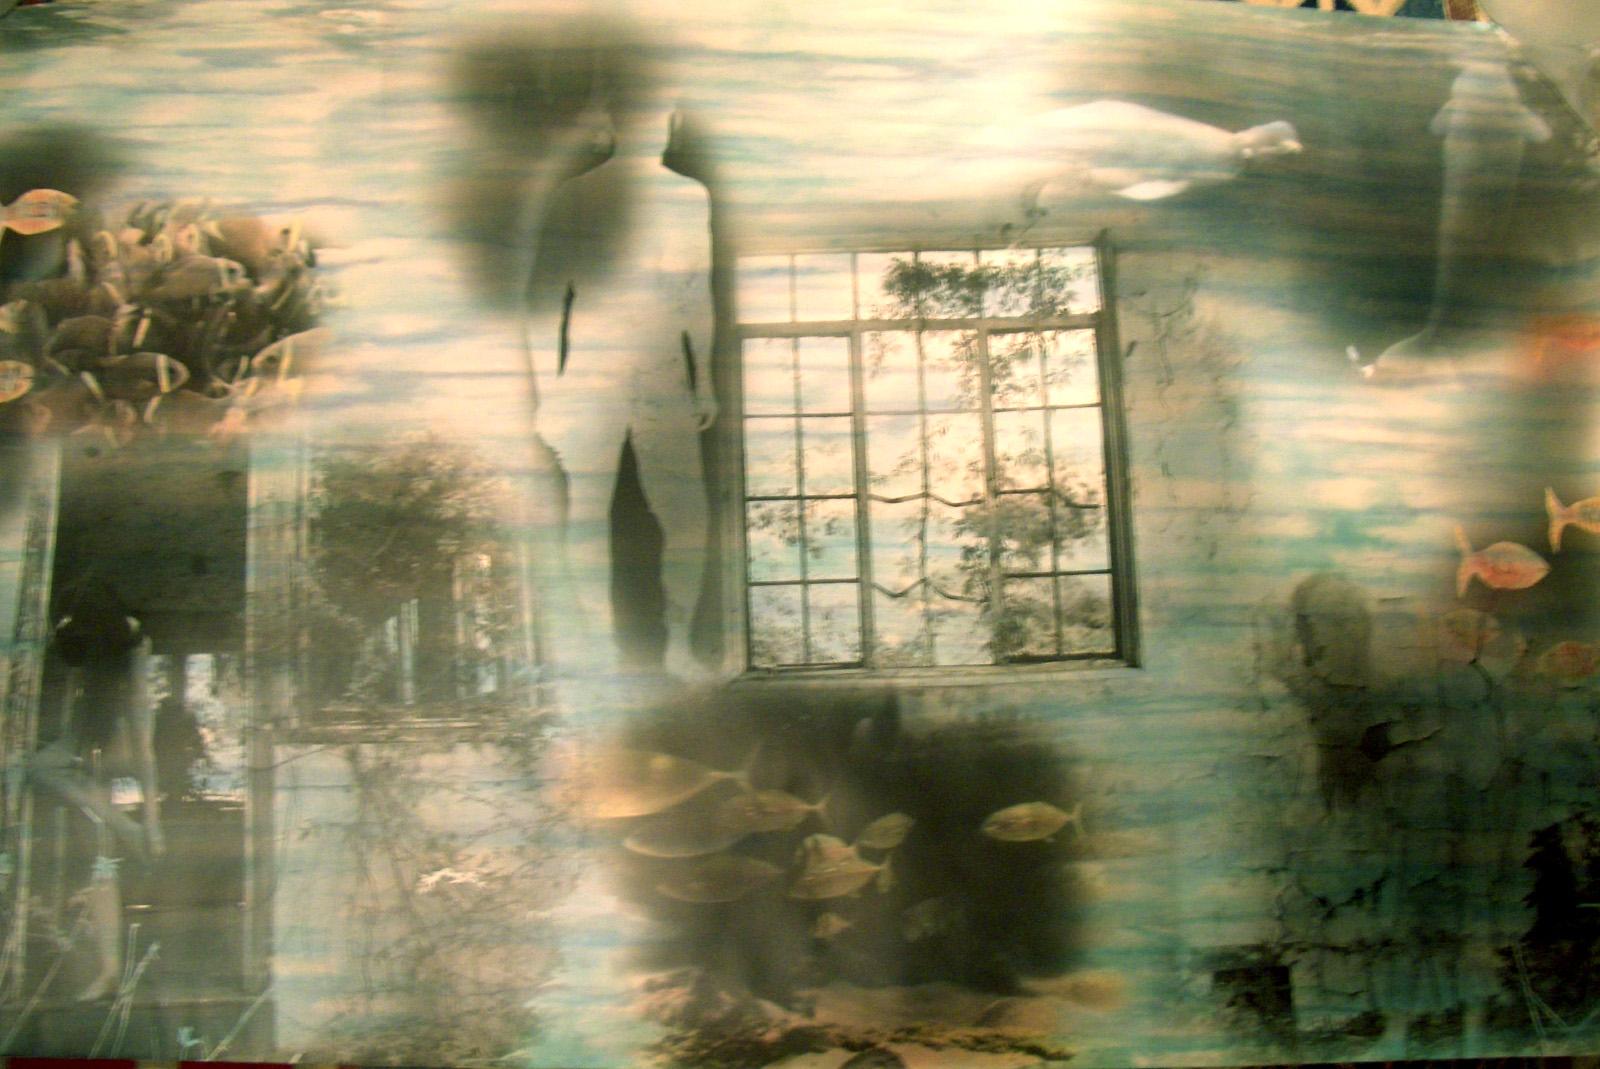 50 Lost Love mural 40x65 in 101.6x165.1 cm.jpg